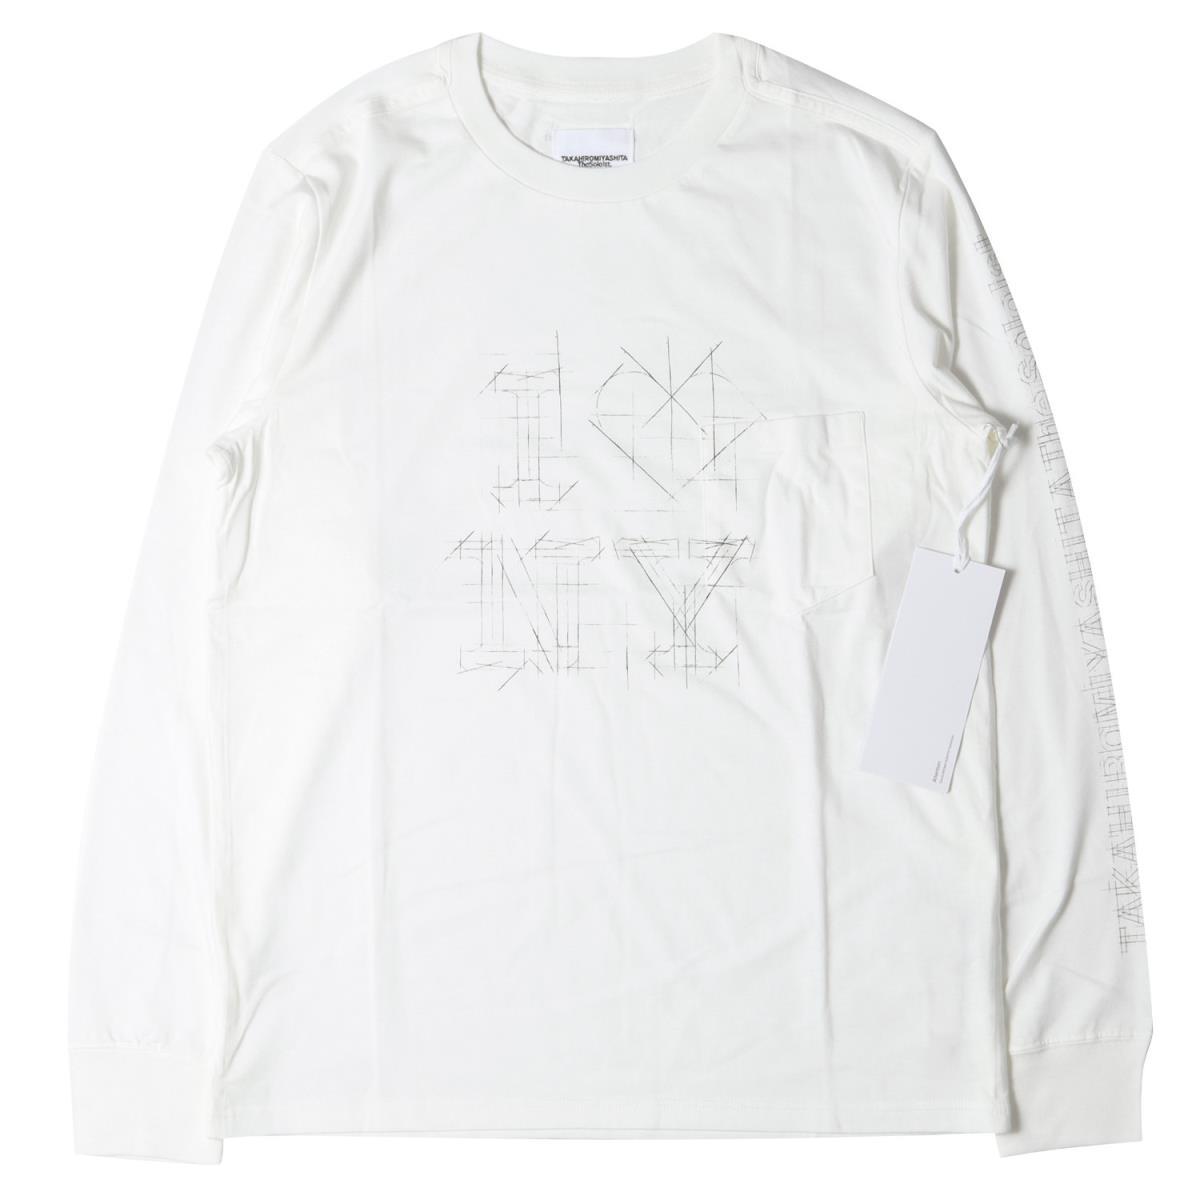 トップス, Tシャツ・カットソー TAKAHIROMIYASHITA The Soloist. T I LOVE NY T I LOVE NY ls tee 21SS 46 K3158